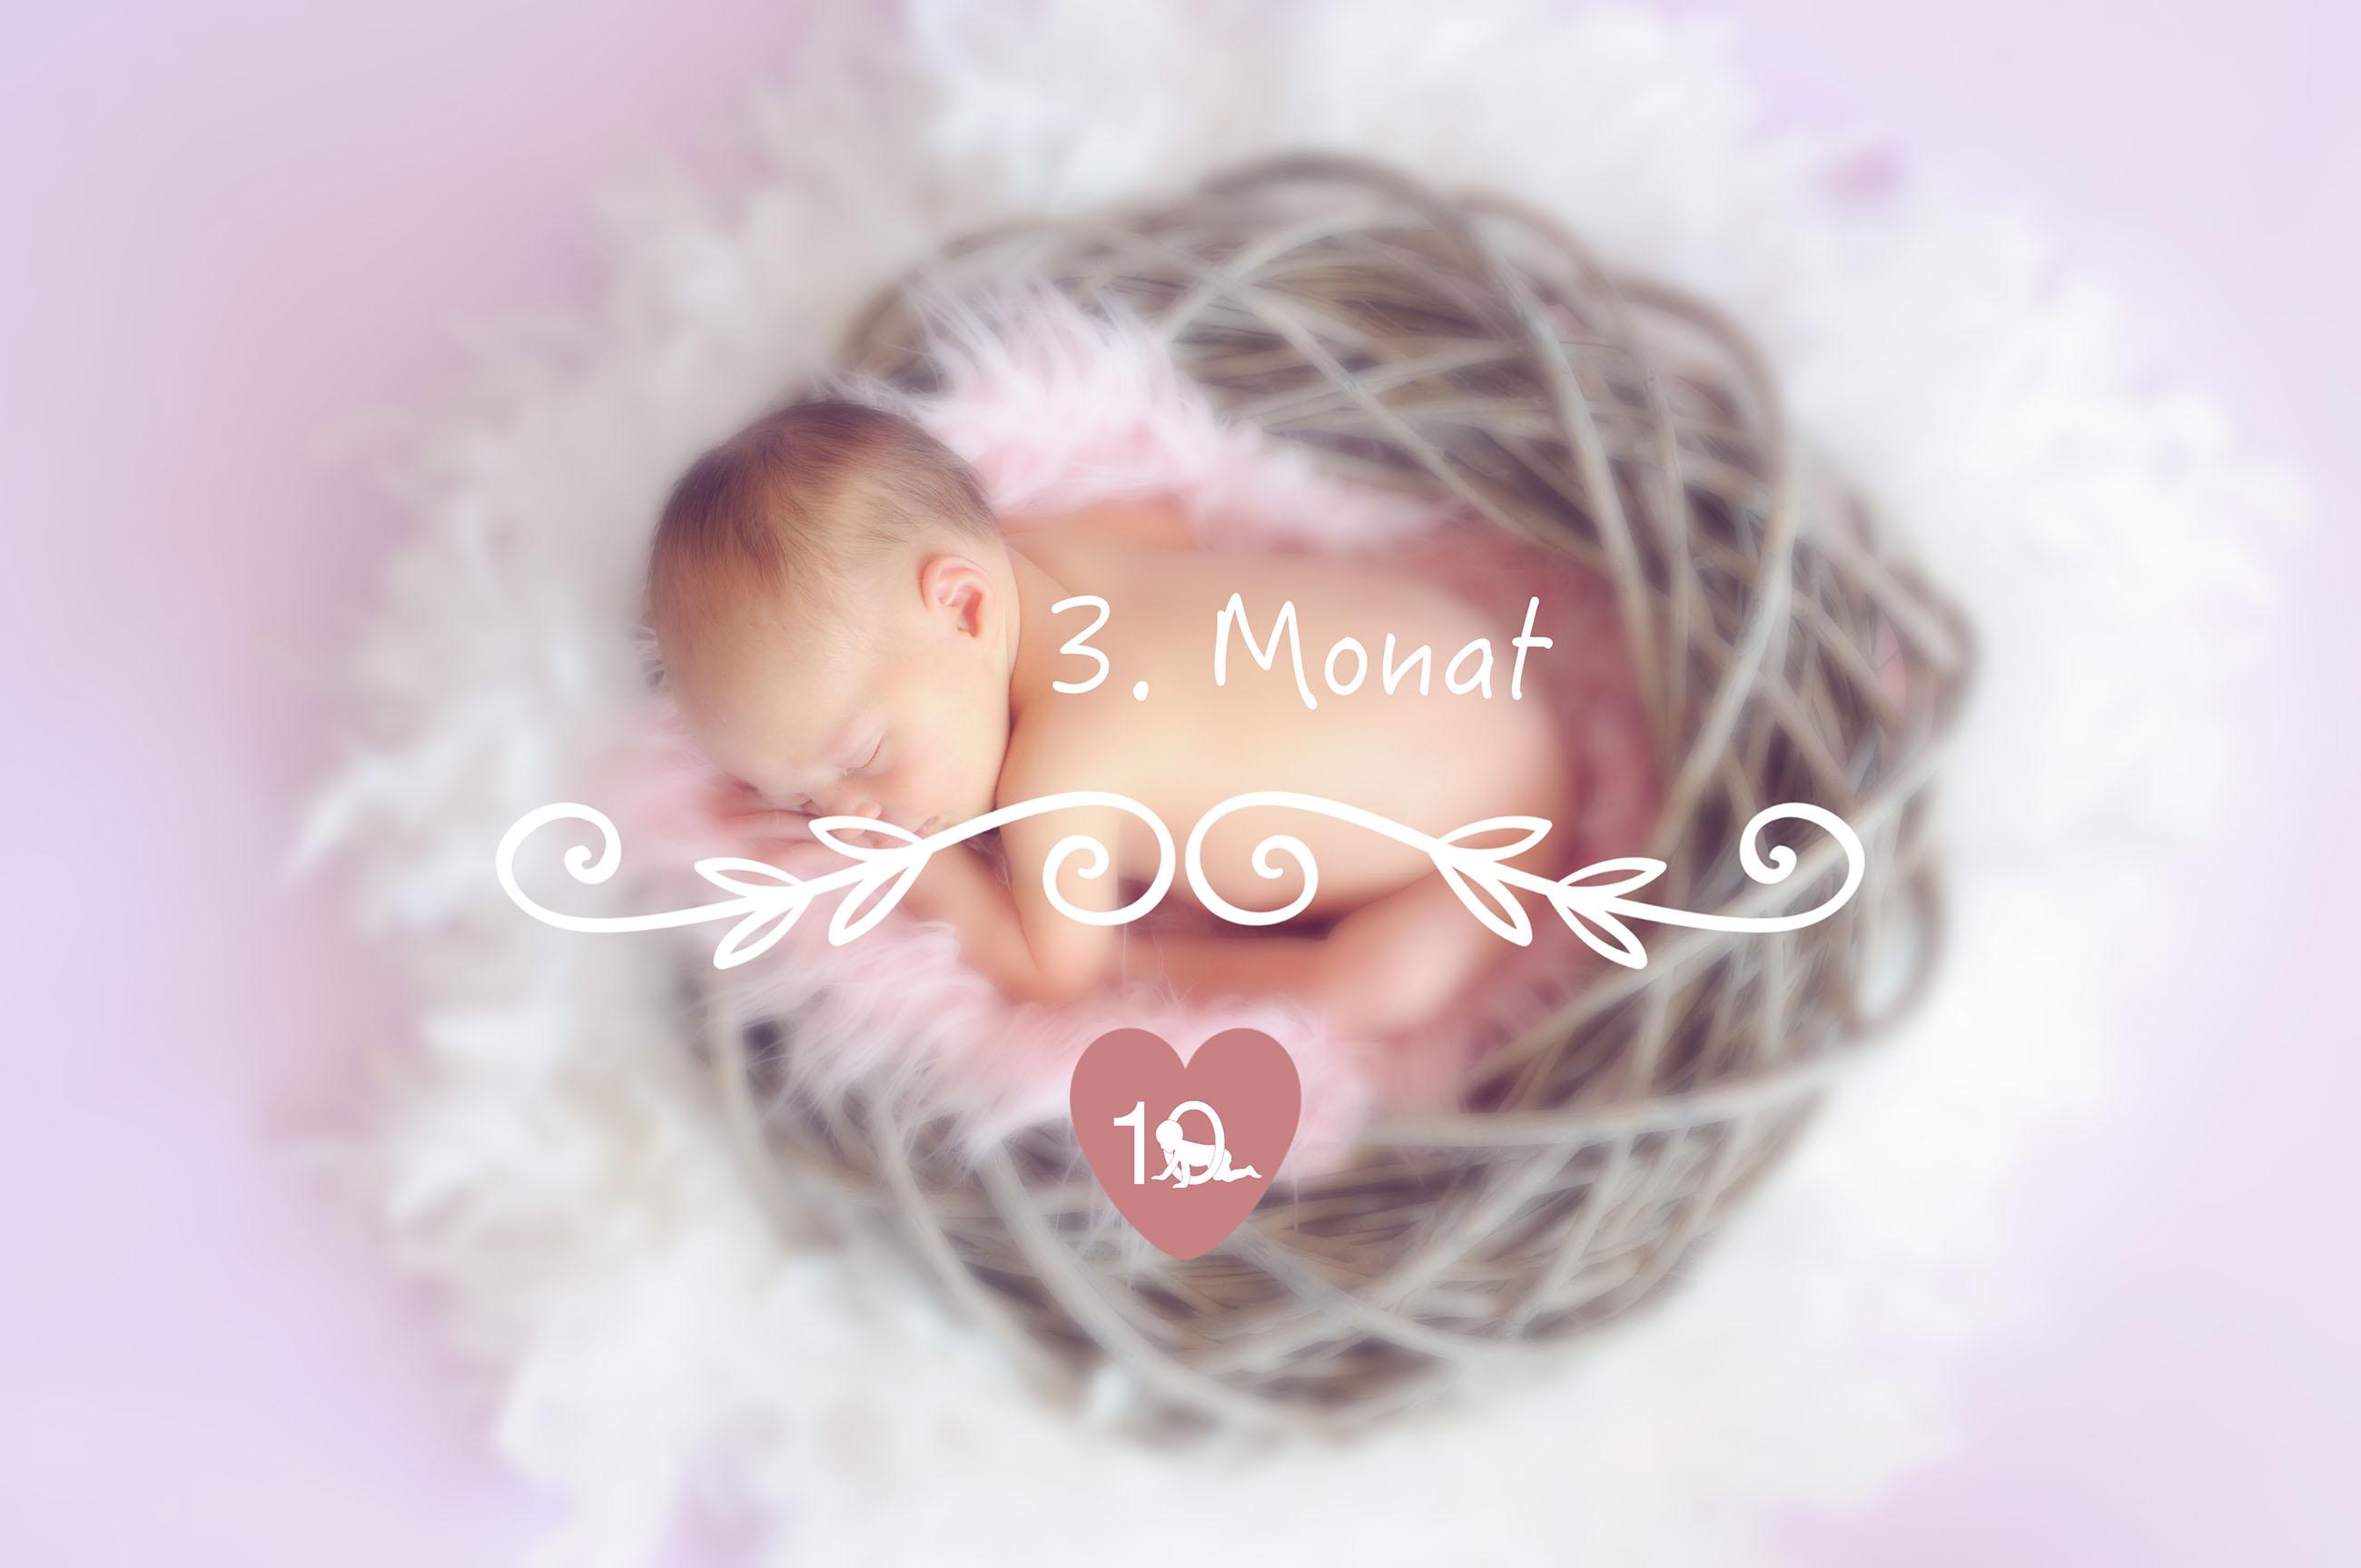 schwangerschaft 3 monat schwangerschaft 2 monat 1 bis 3. Black Bedroom Furniture Sets. Home Design Ideas